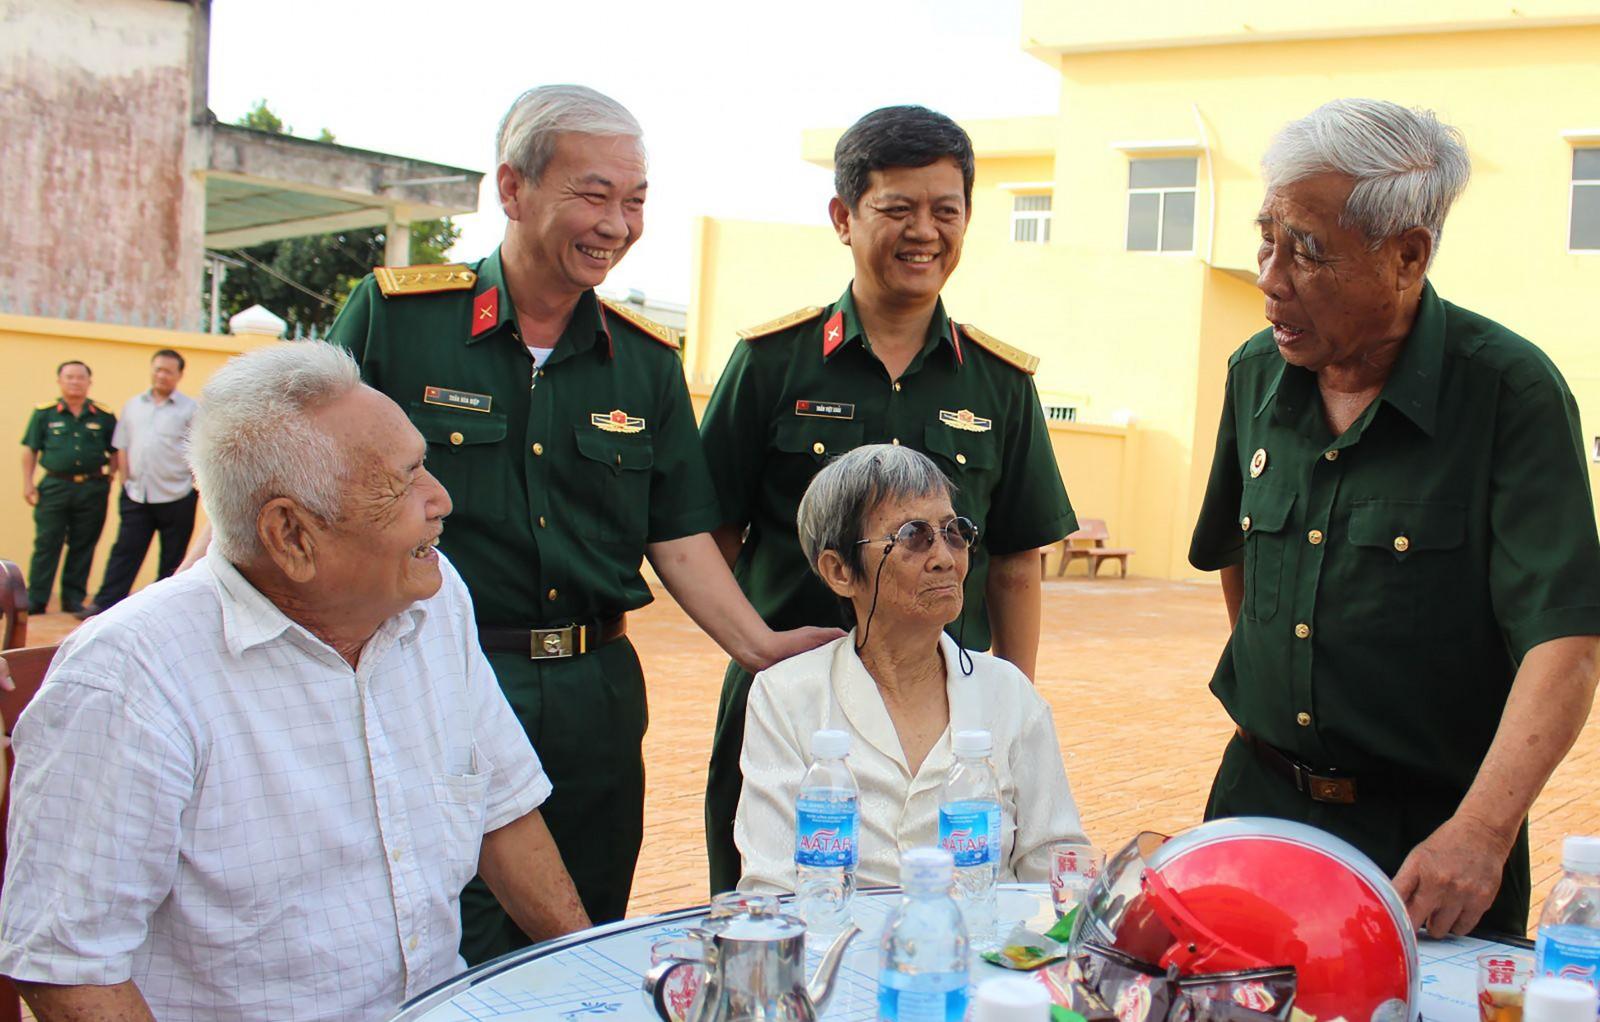 Đại tá Trần Hòa Hiệp (thứ hai từ trái sang), Phó Chính ủy Bộ CHQS thành phố và Thiếu tướng Lê Thanh Sơn (bìa phải), Anh hùng lực lượng vũ trang nhân dân, nguyên Chỉ huy trưởng Bộ CHQS tỉnh Cần Thơ tại buổi họp mặt gia đình chính sách, người có công ở xã Tân Thới, huyện Phong Điền. Ảnh: Chung Cường